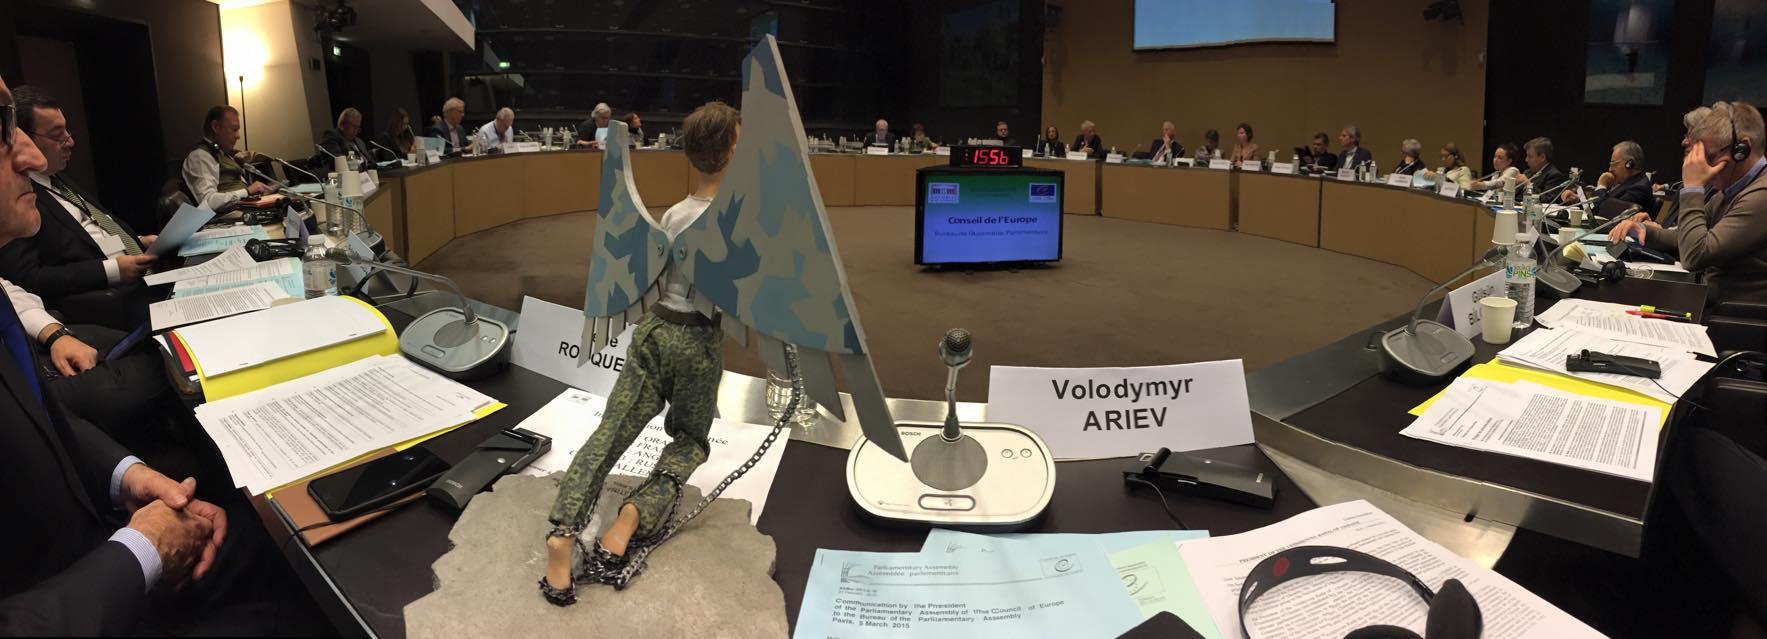 Надежда Савченко присутствует на заседании ПАСЕ.jpg